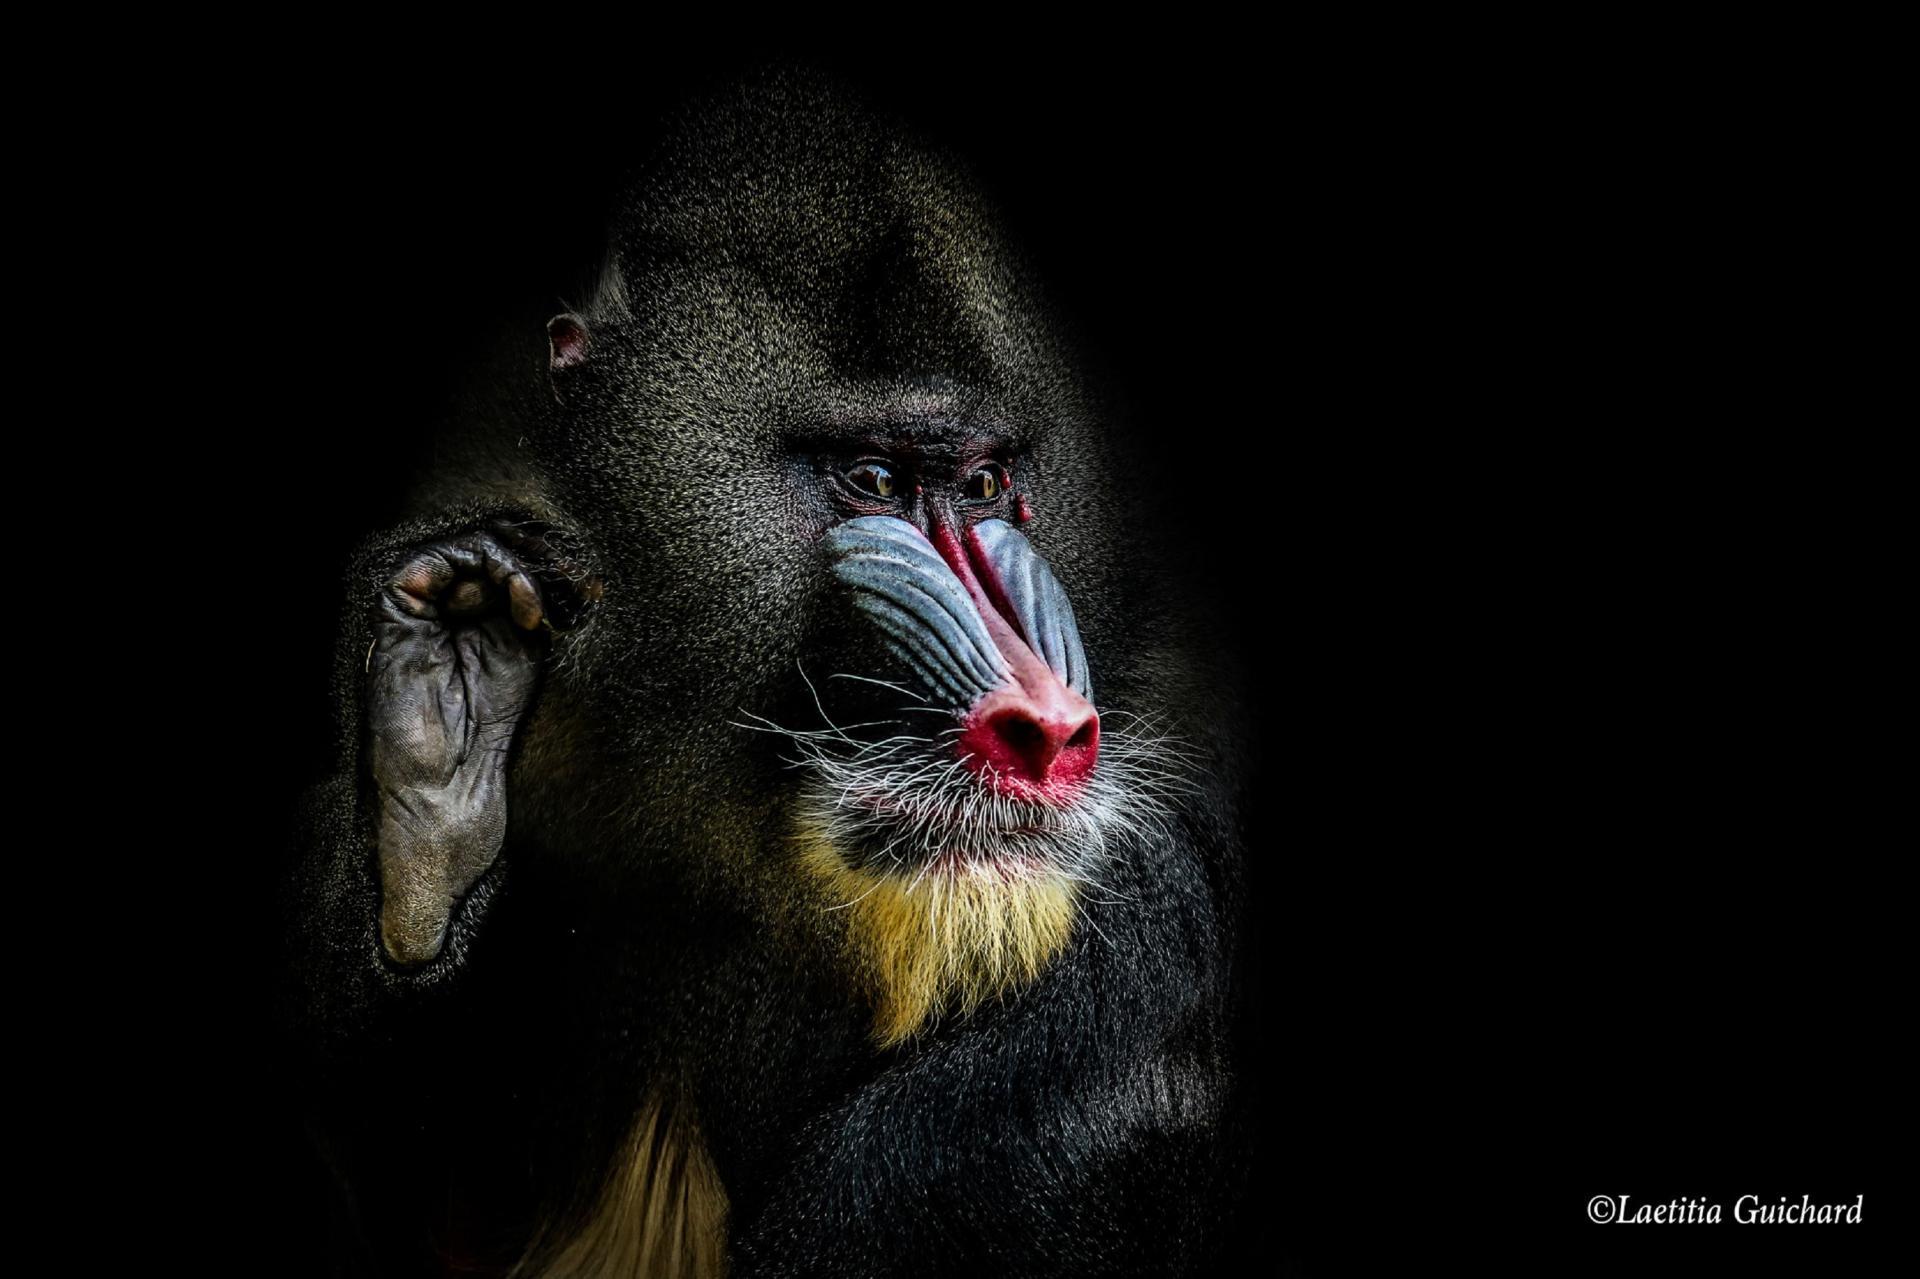 Animaux sur fond noir, de Laetitia Guichard